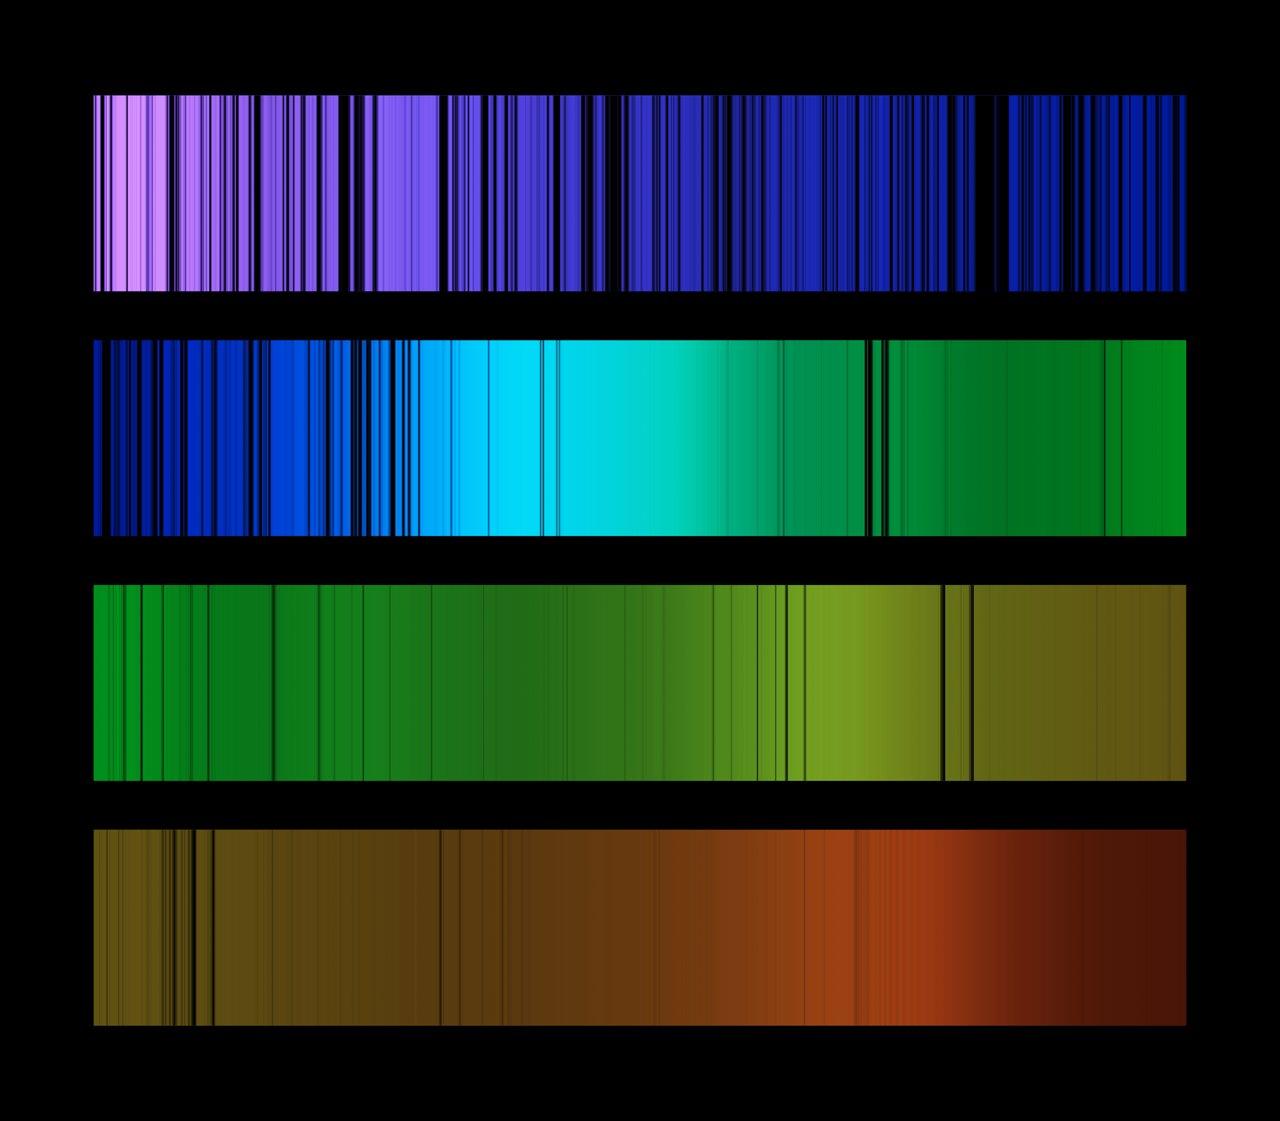 Image Credit: ESO; Acknowledgements: V. D'Odorico (Osservatorio Astronomico di Trieste, Italy)